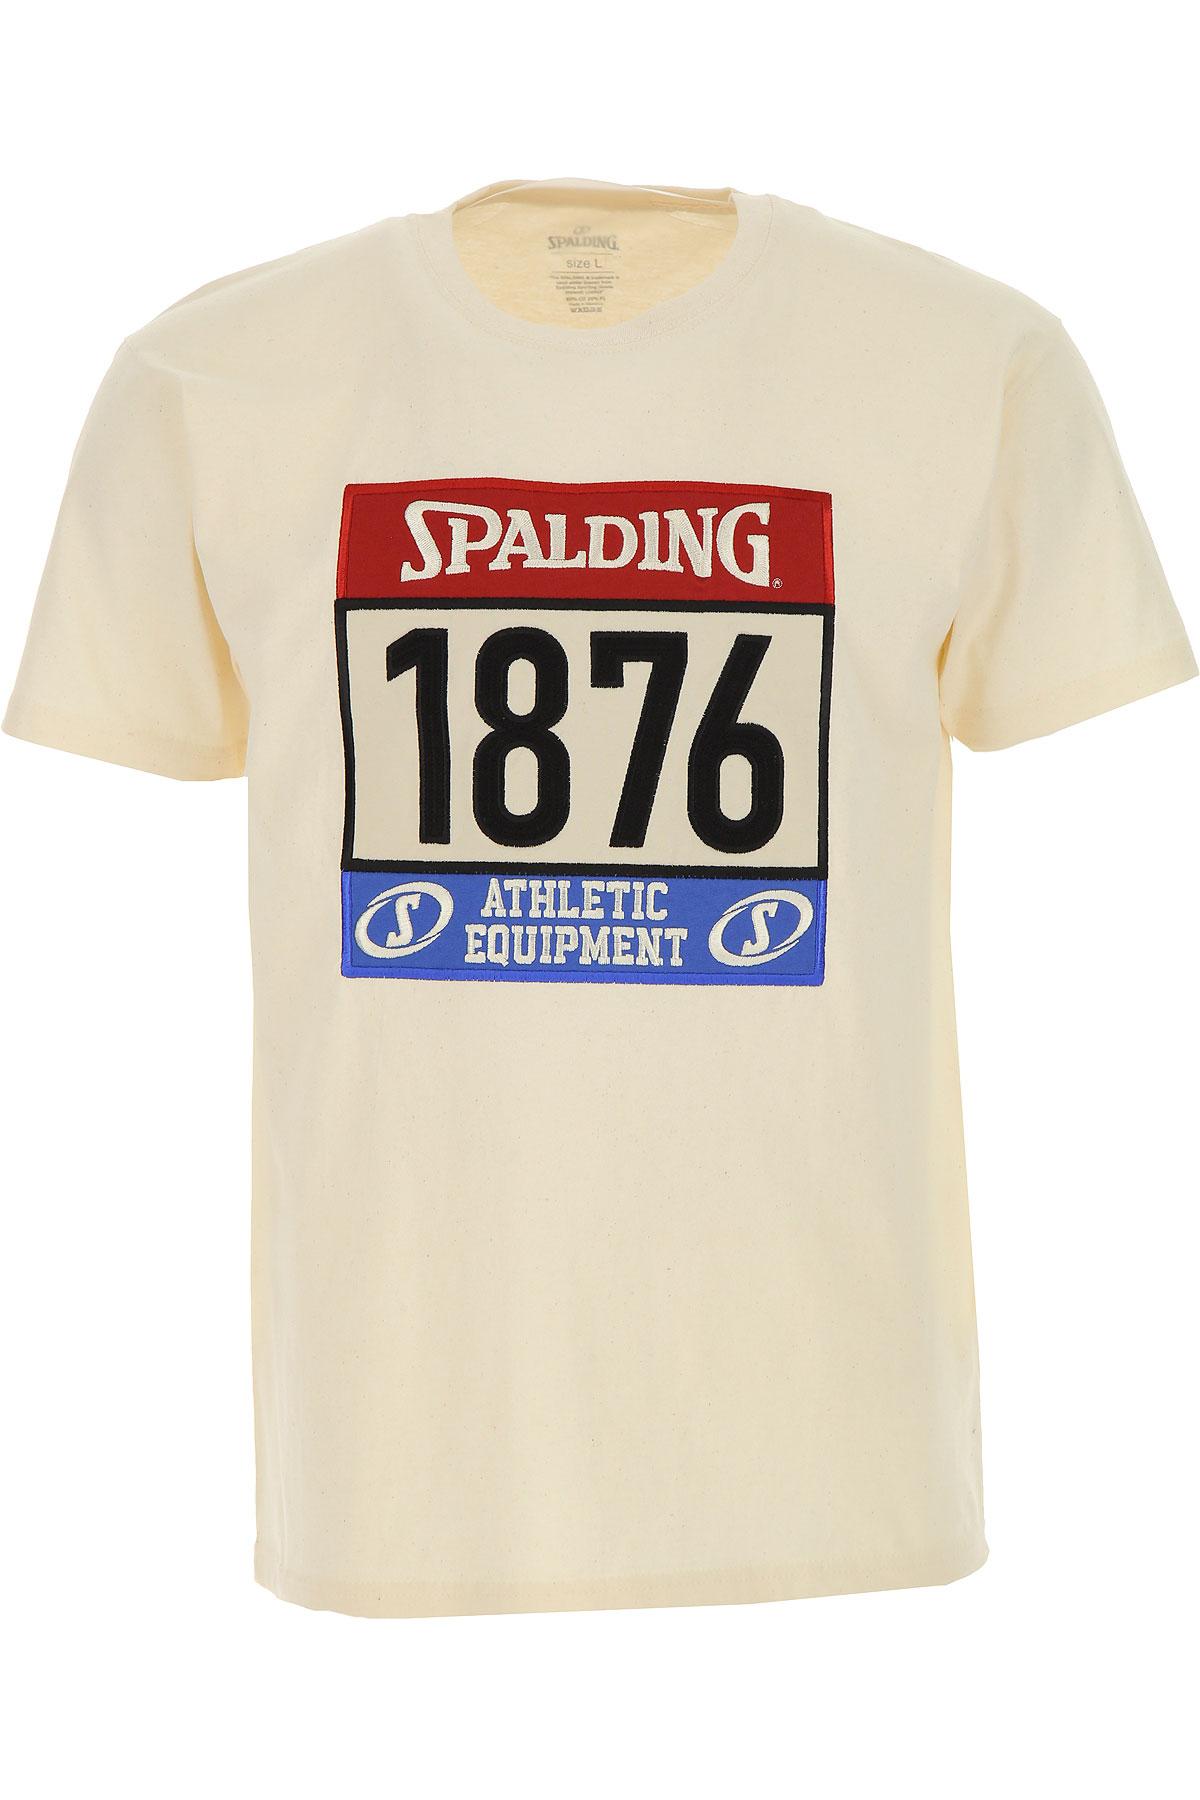 Spalding T-Shirt for Men On Sale, White, Cotton, 2019, L M S XL XXL